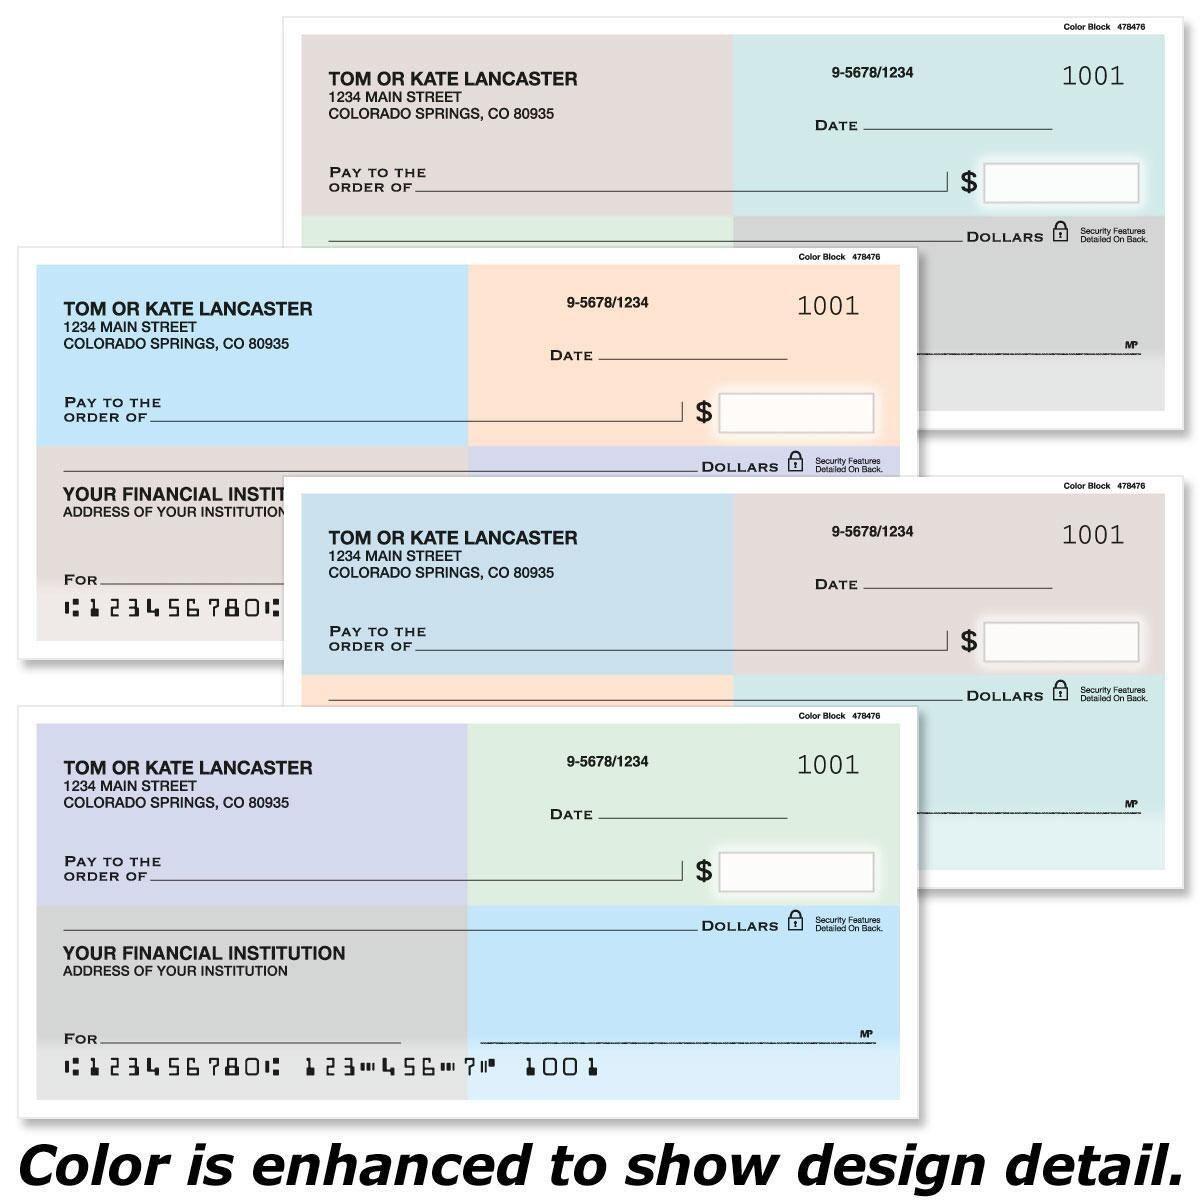 Color Block Single Checks